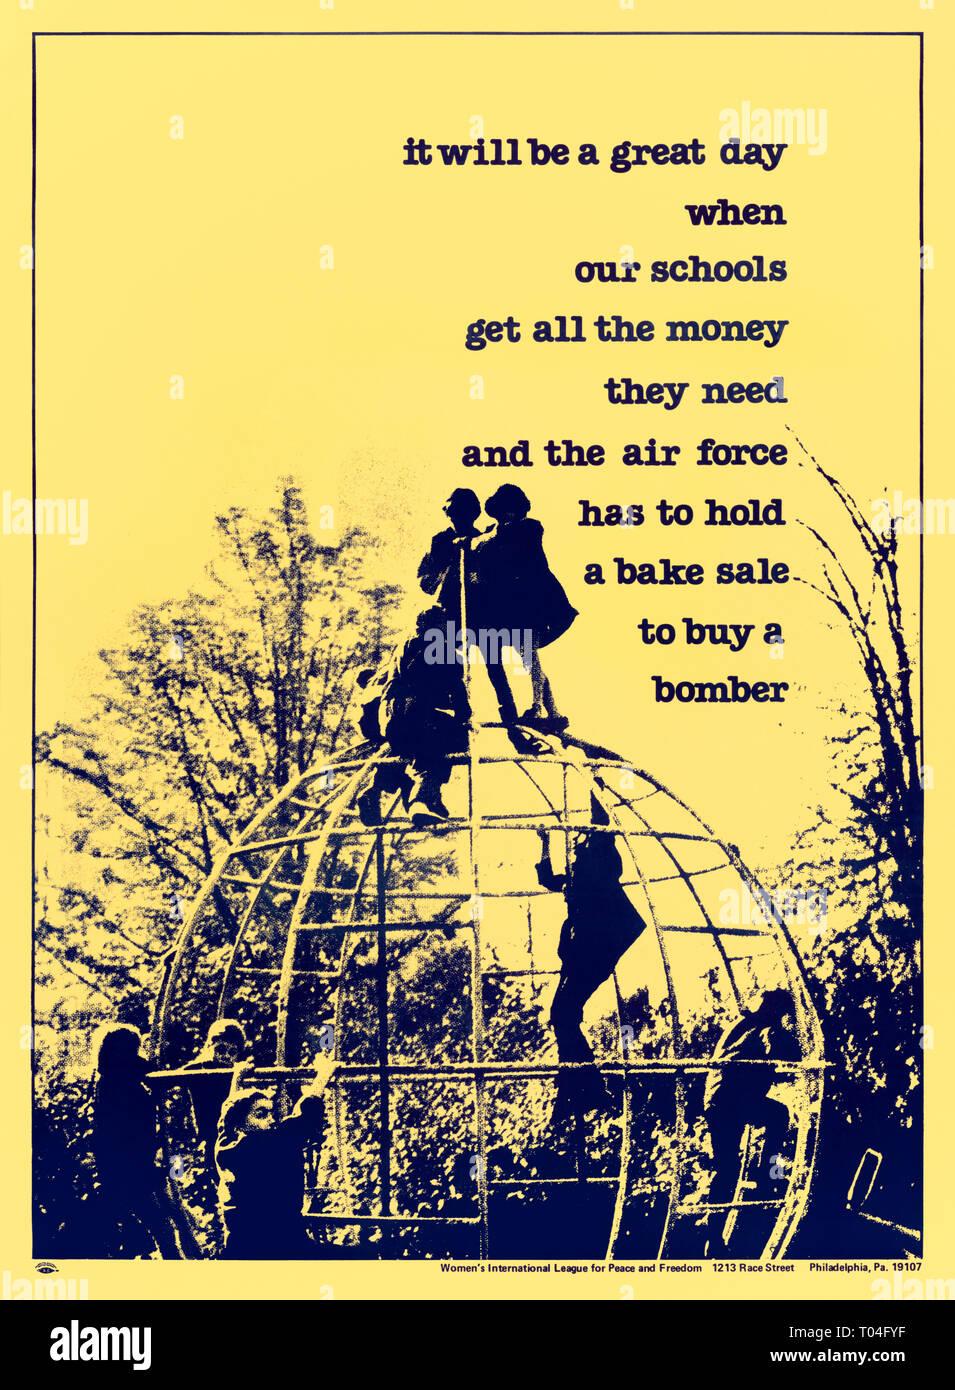 """""""Será un gran día cuando nuestras escuelas conseguir todo el dinero que necesitan y la fuerza aérea tiene que llevar a cabo una venta de pasteles para comprar un bombardero"""" de 1979 por la Liga Internacional de Mujeres pro Paz y Libertad (WILPF) póster. Ver más información a continuación. Imagen De Stock"""